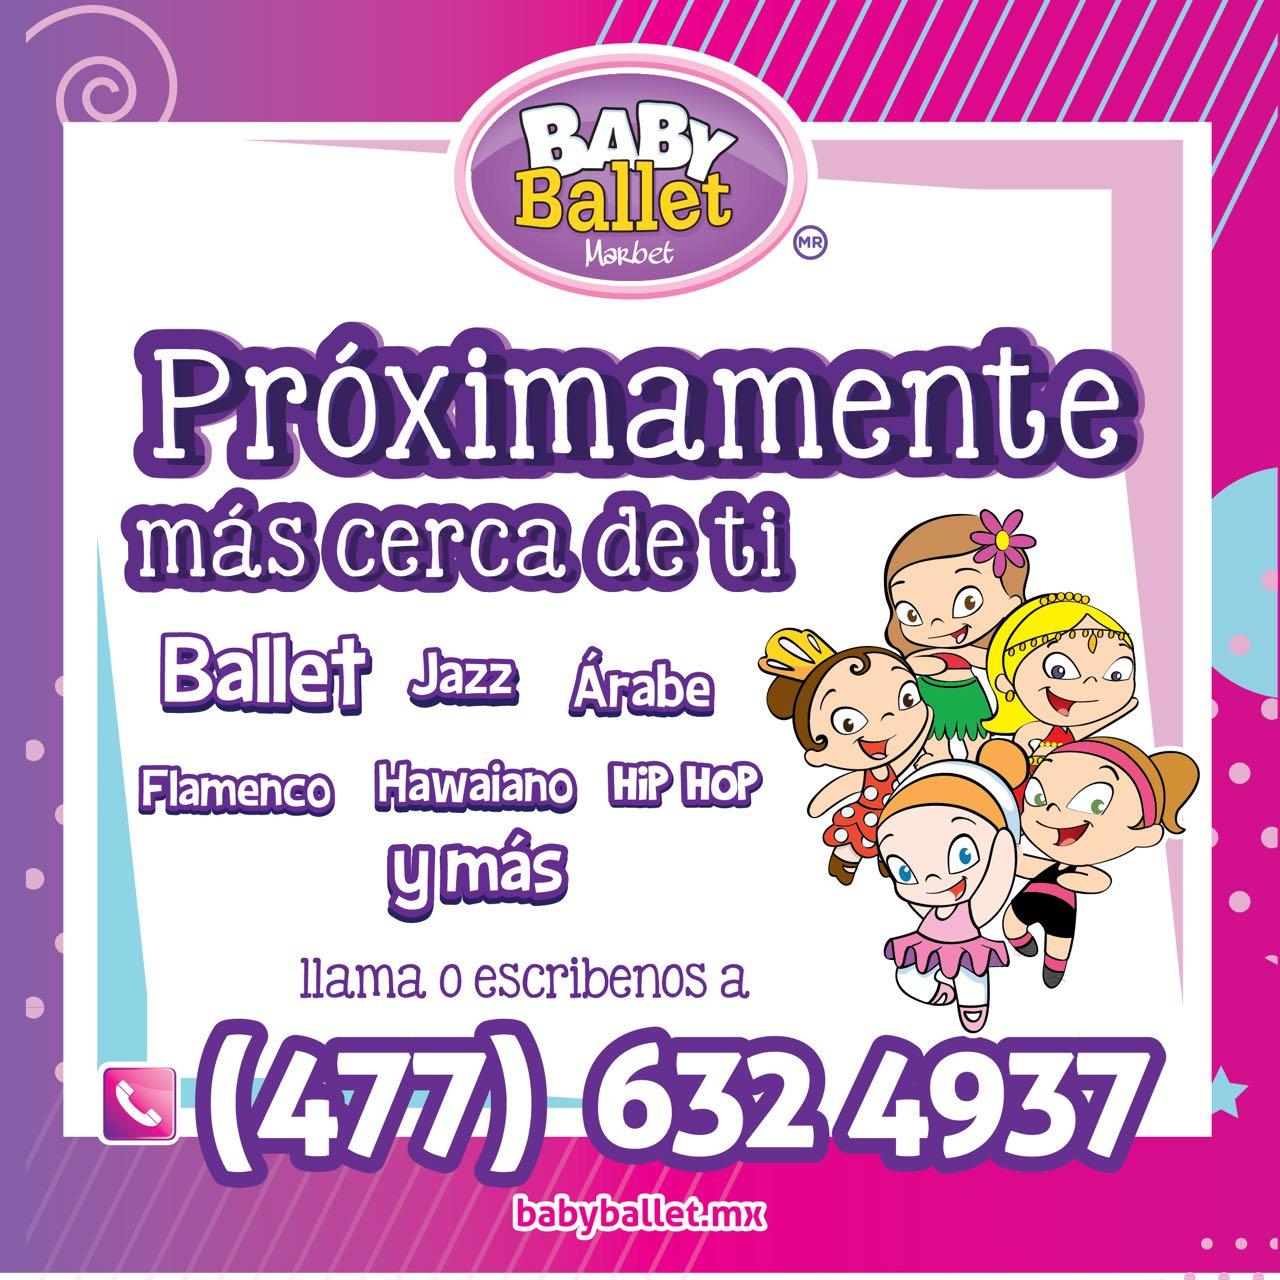 Baby ballet León, Gto.